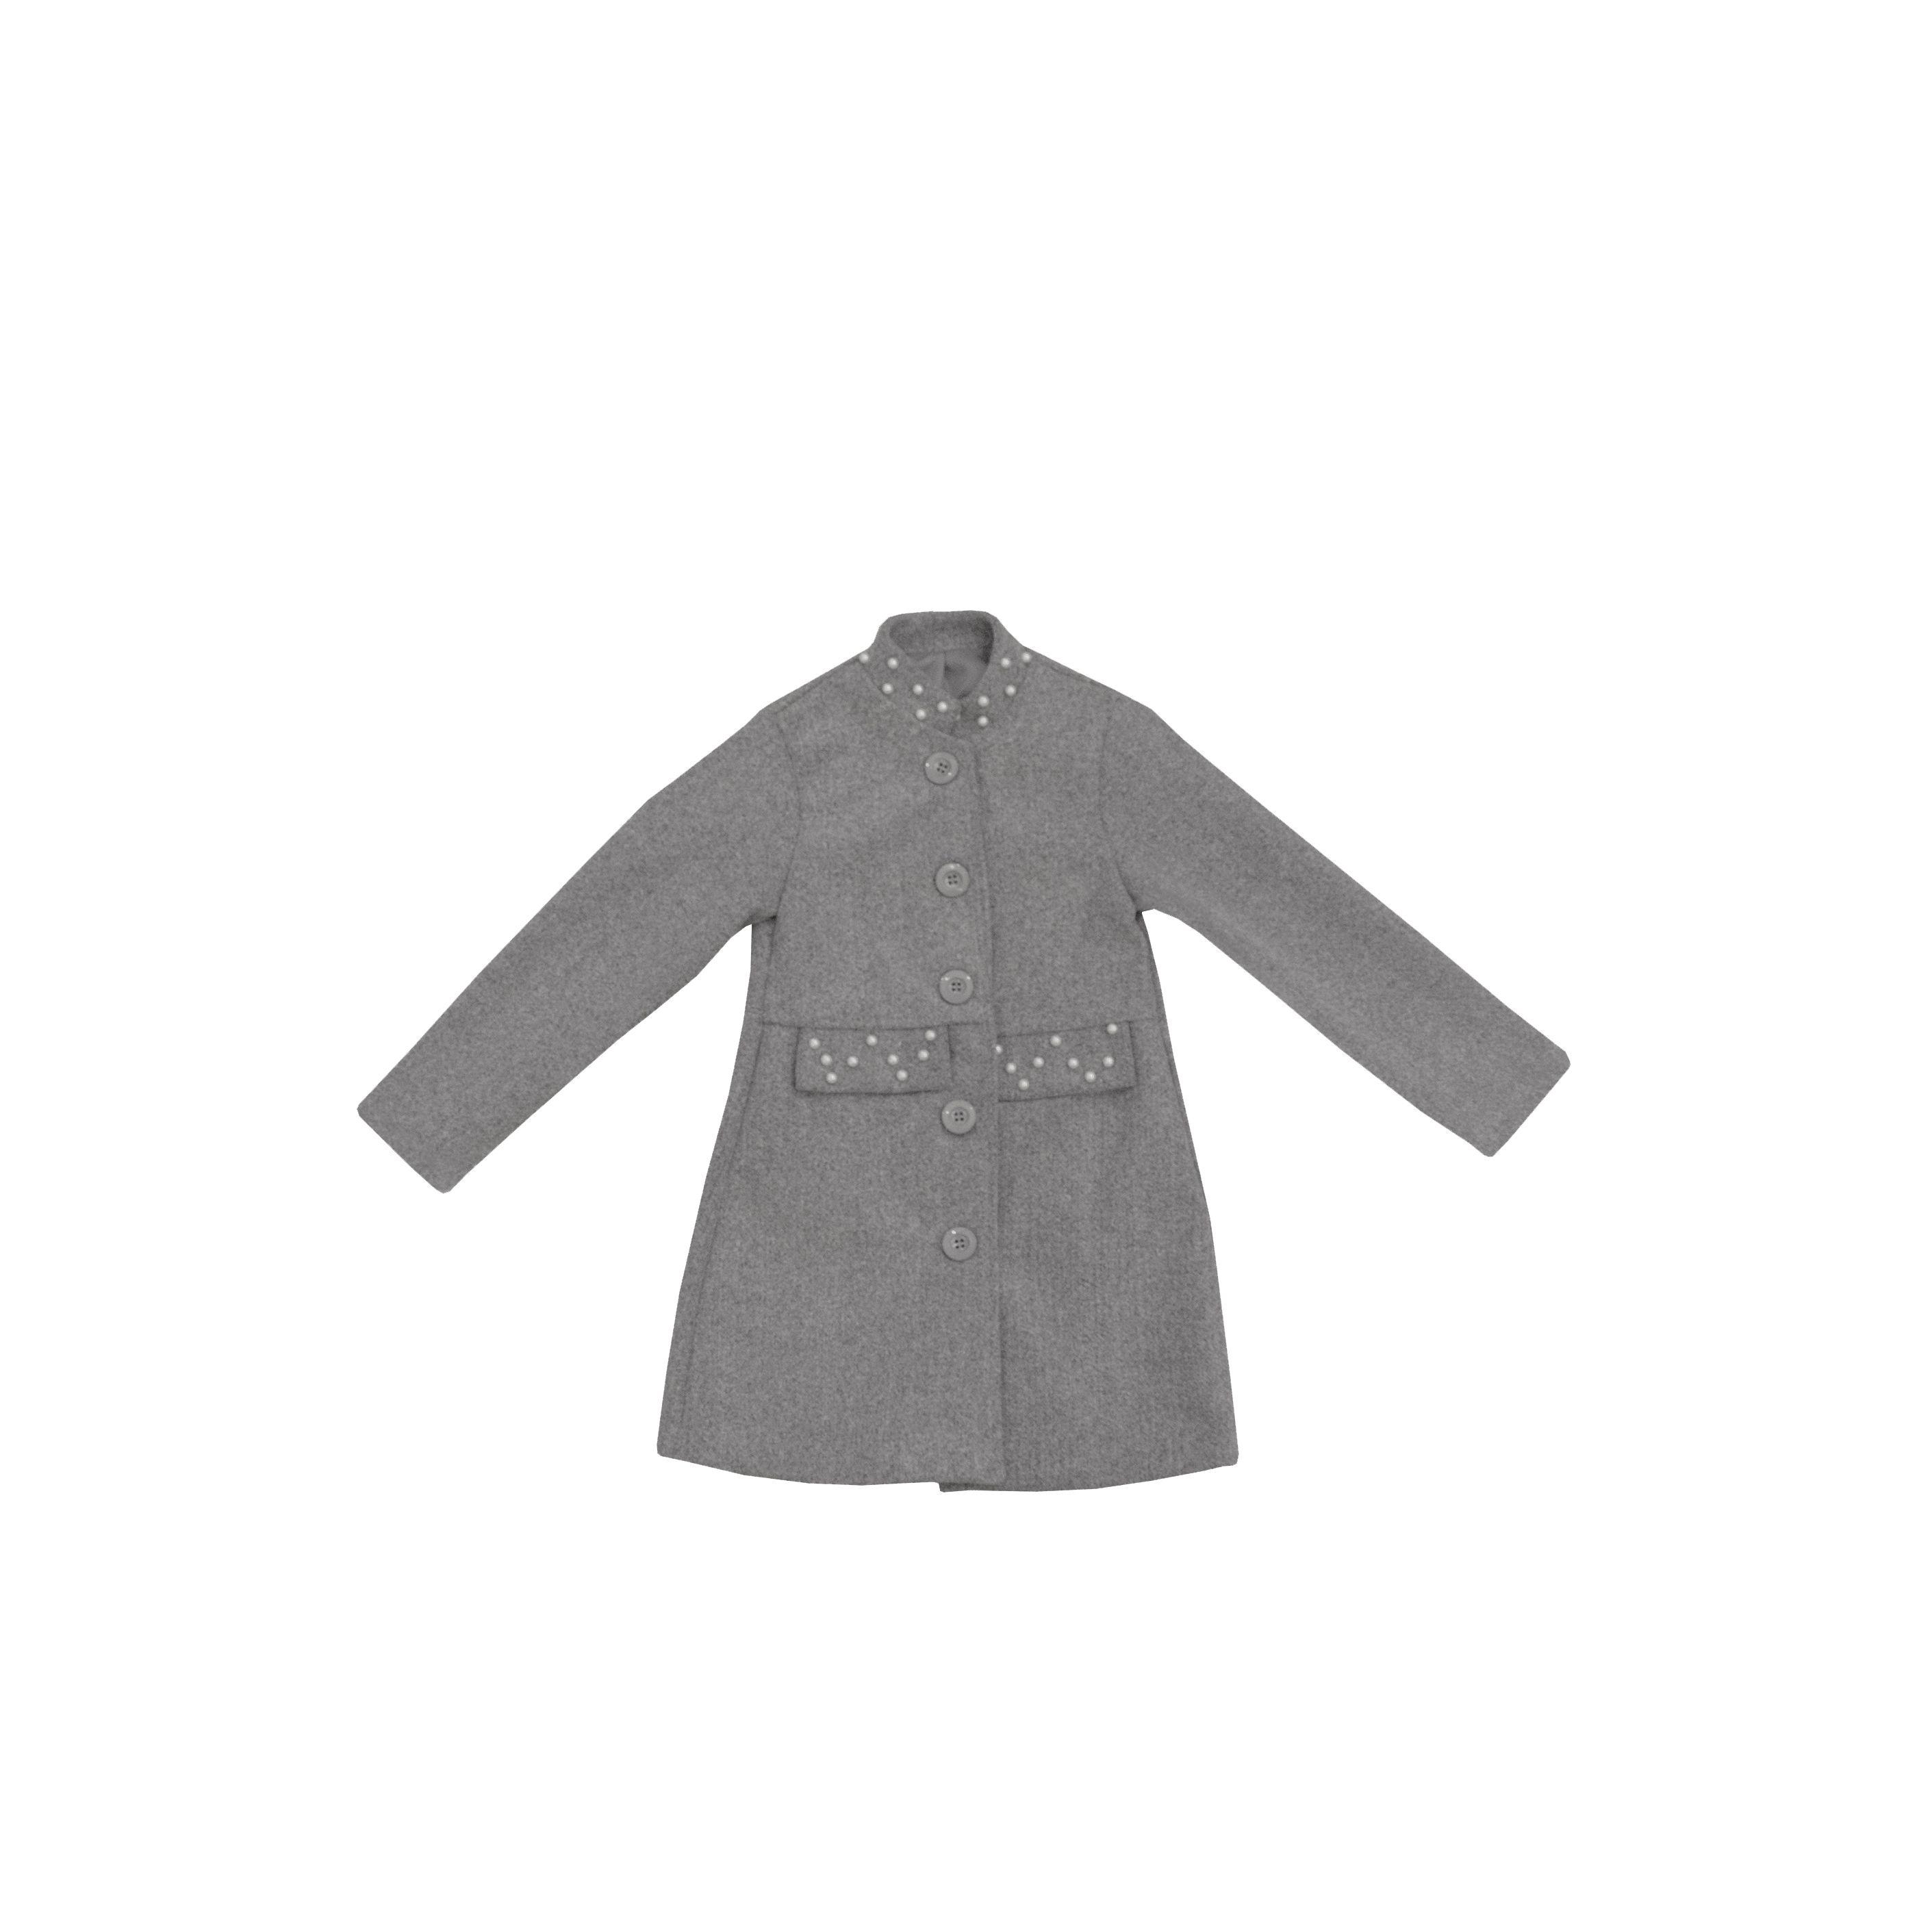 Παιδικά ρούχα - Παλτό Κορίτσι Γκρι 17355 for only 20.00 !!! 00ee6e15bfa